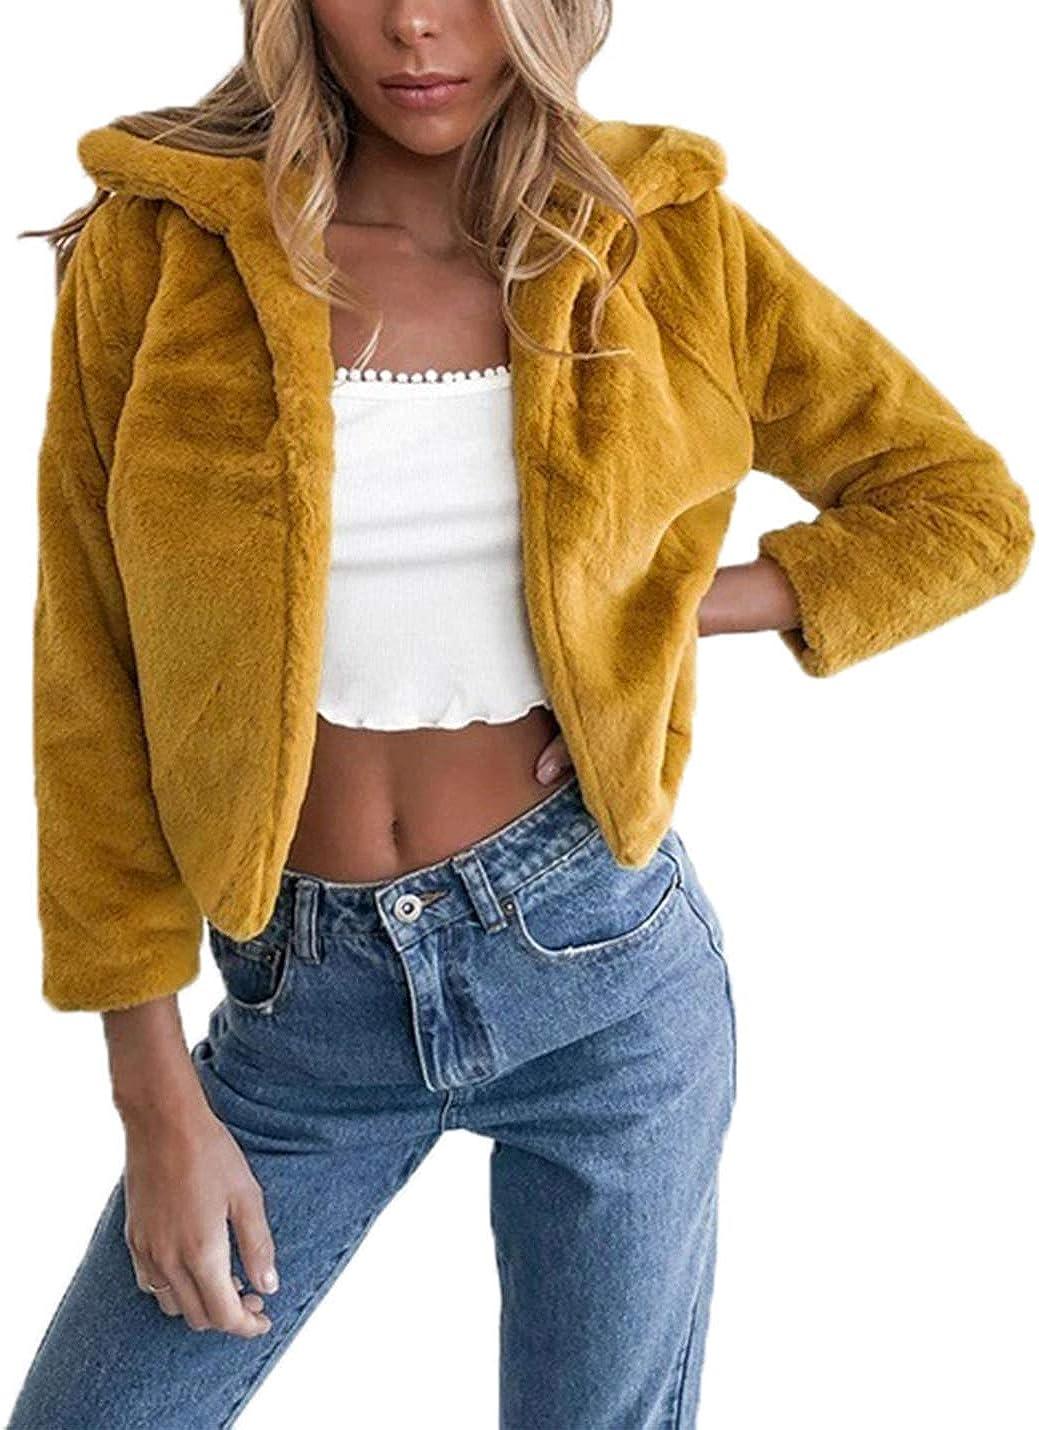 PAODIKUAI Women Luxury 3/4 Sleeve Faux Fur Short Cardigan Coat Warm Fur Jacket Outwear